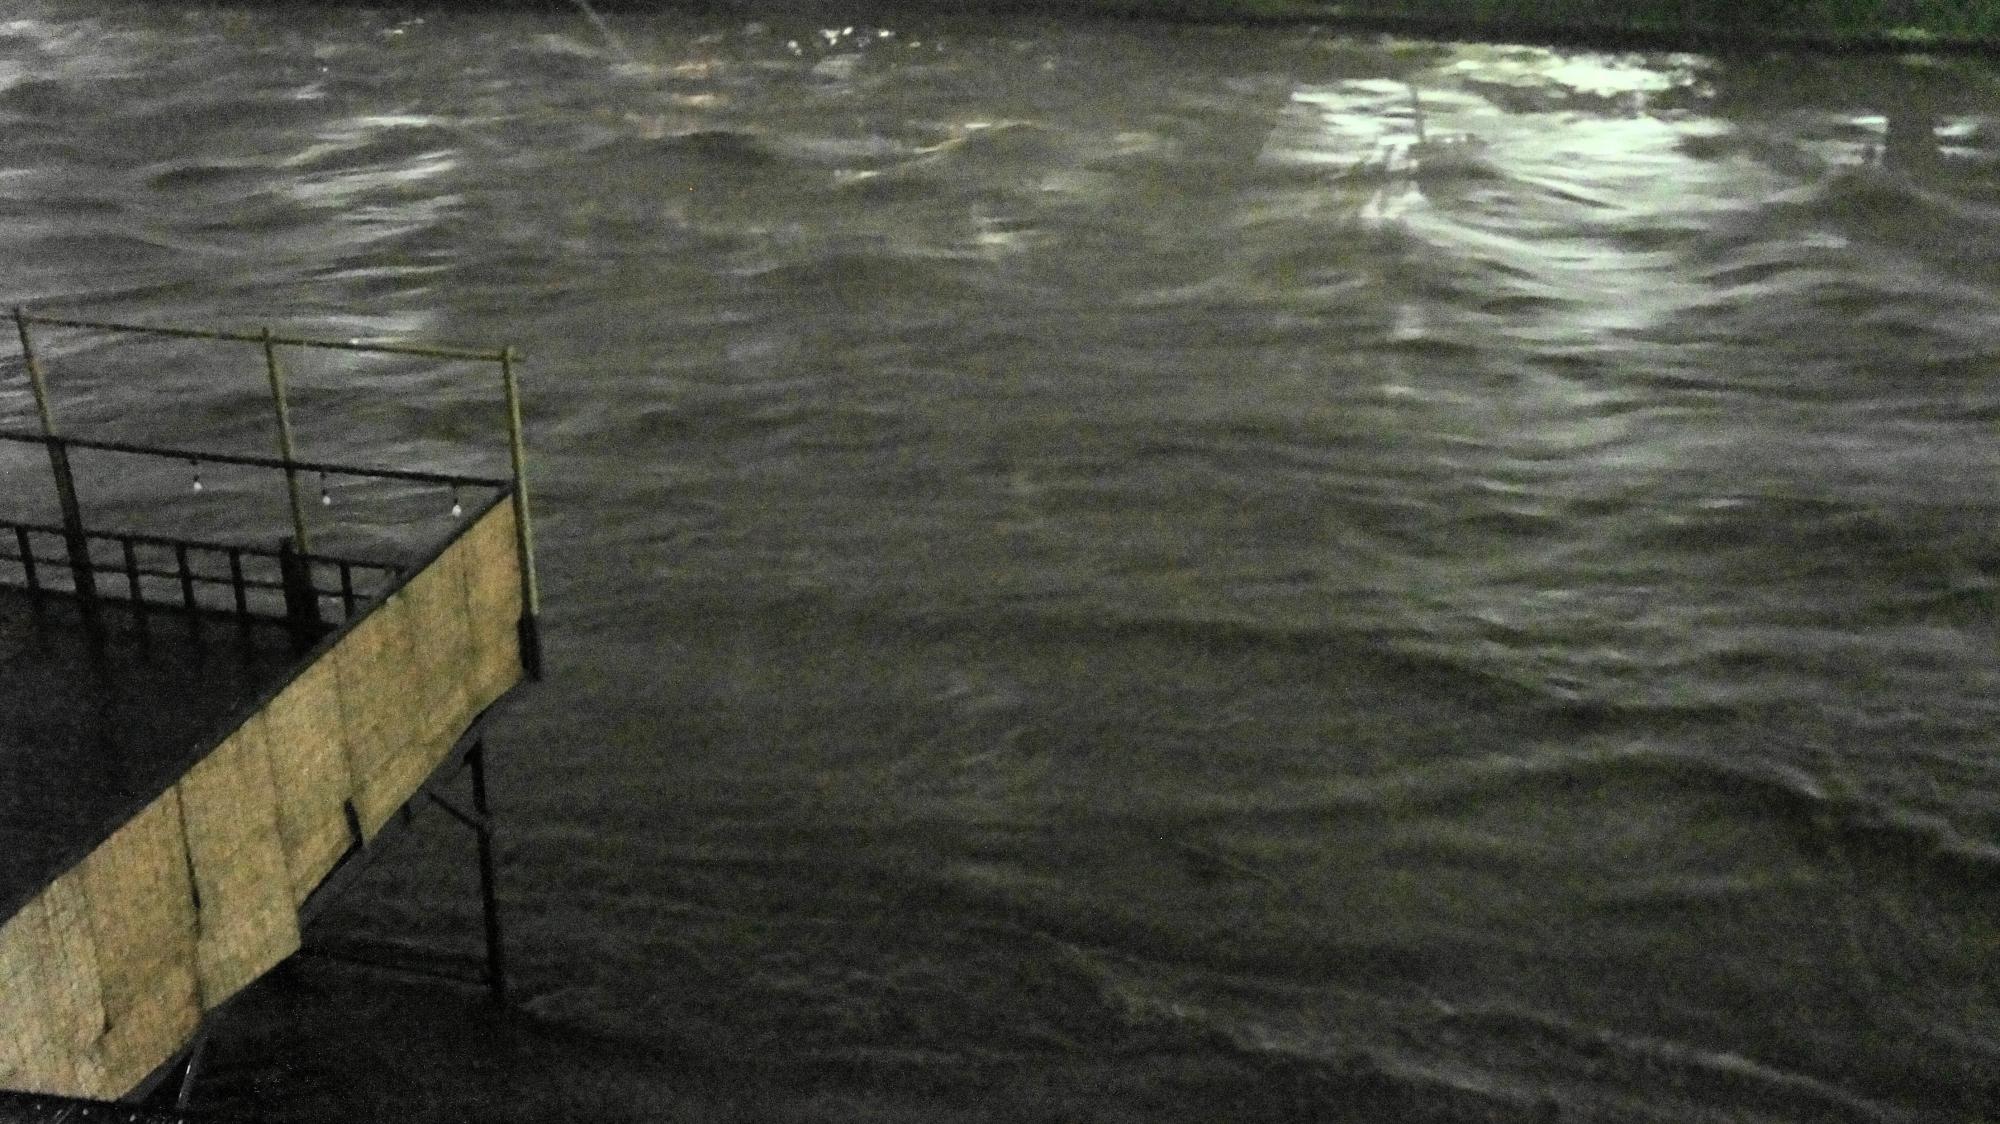 音を立ててうねる増水した鴨川